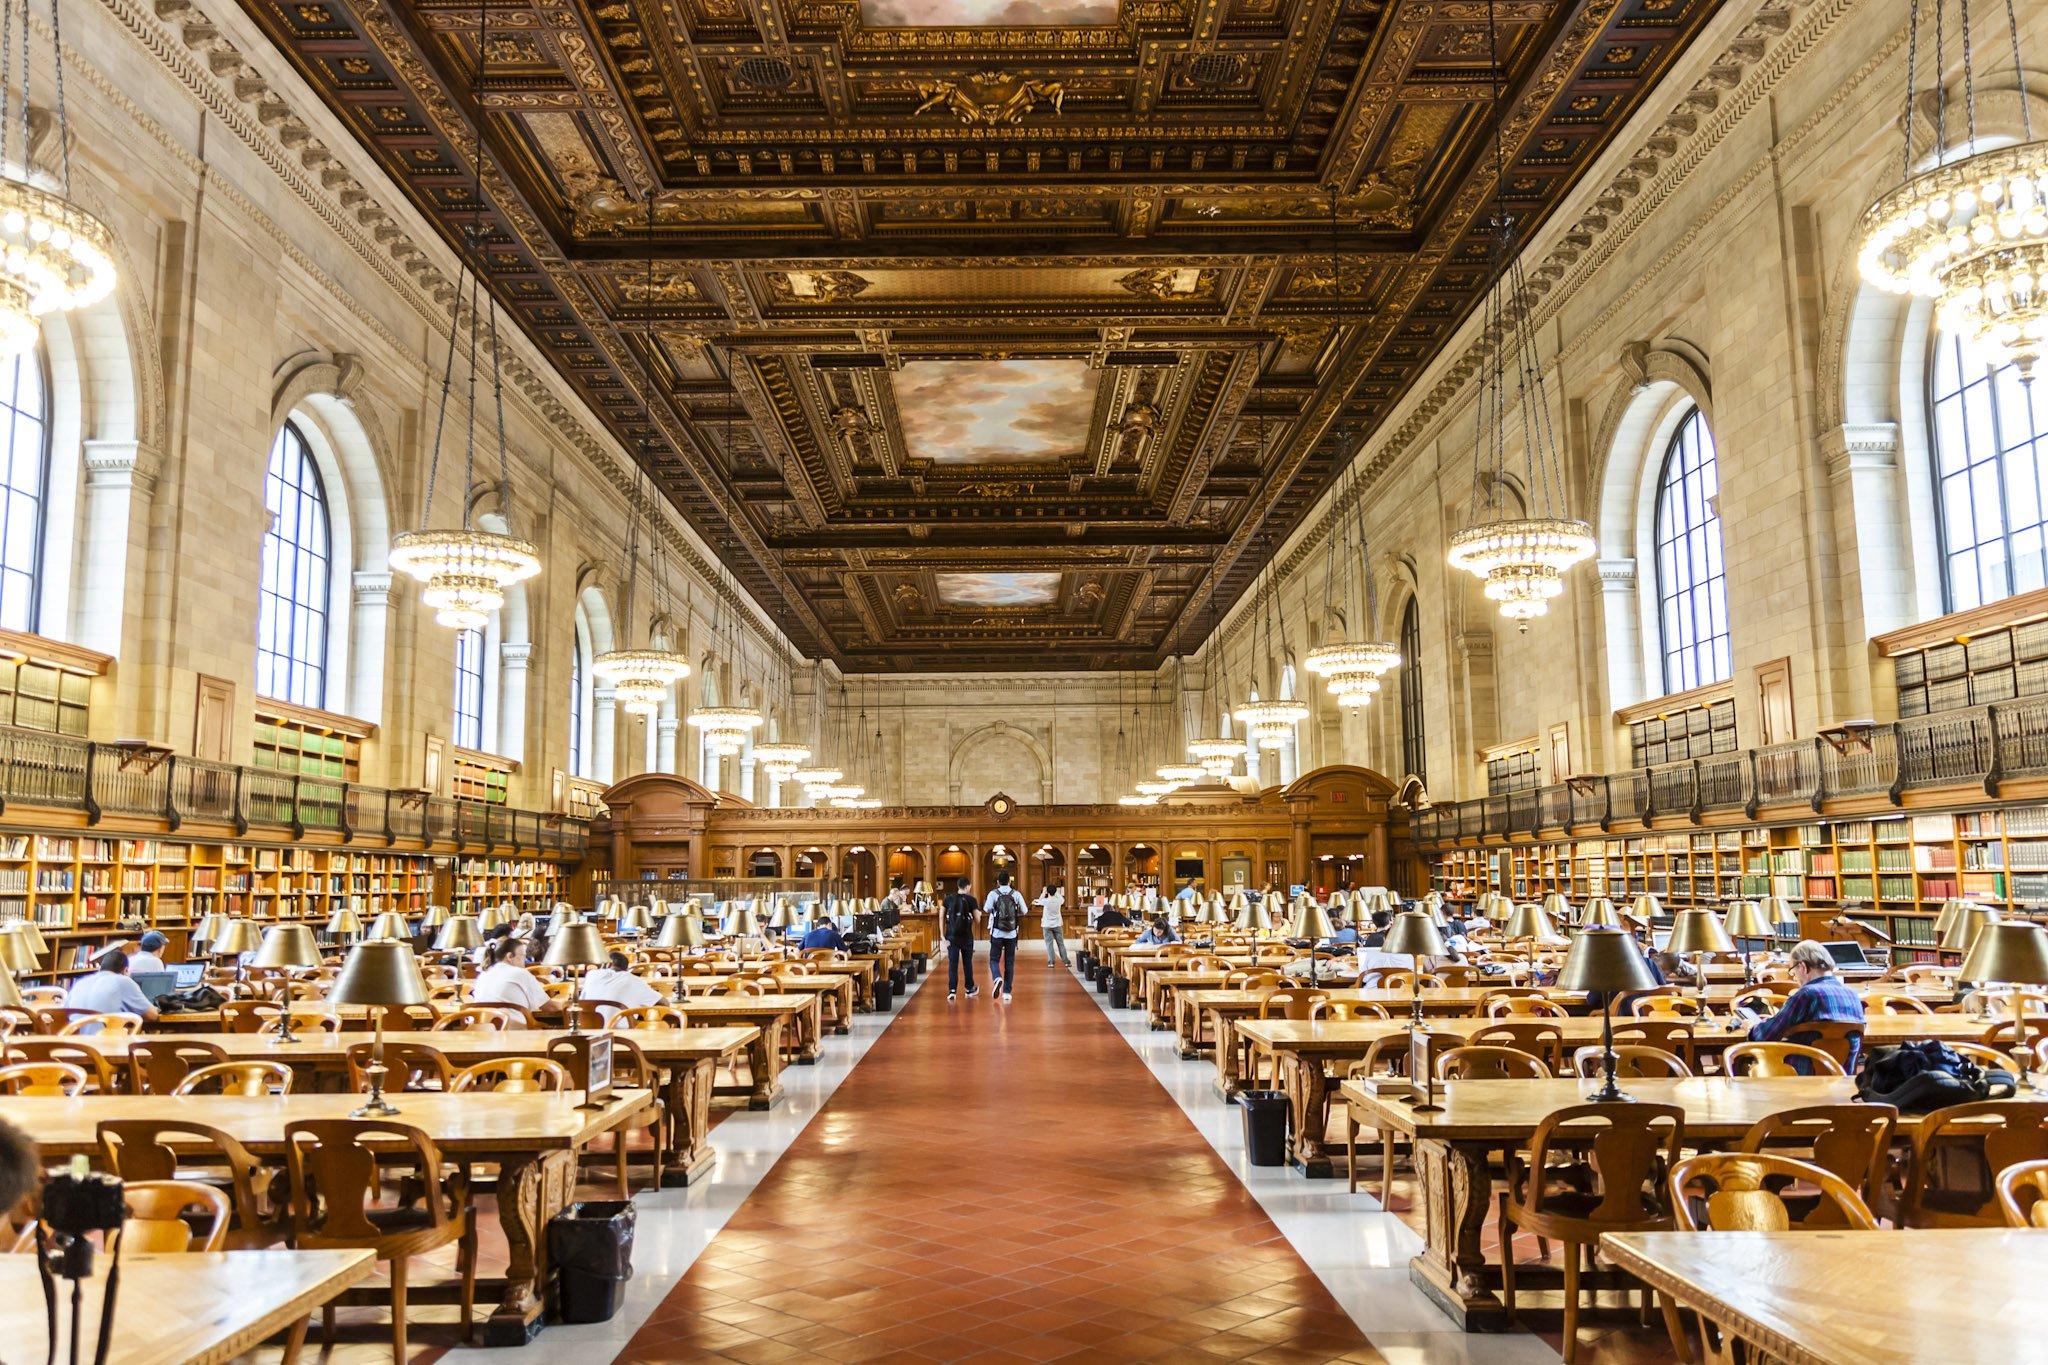 rose-reading-room-NY-public-library.jpg